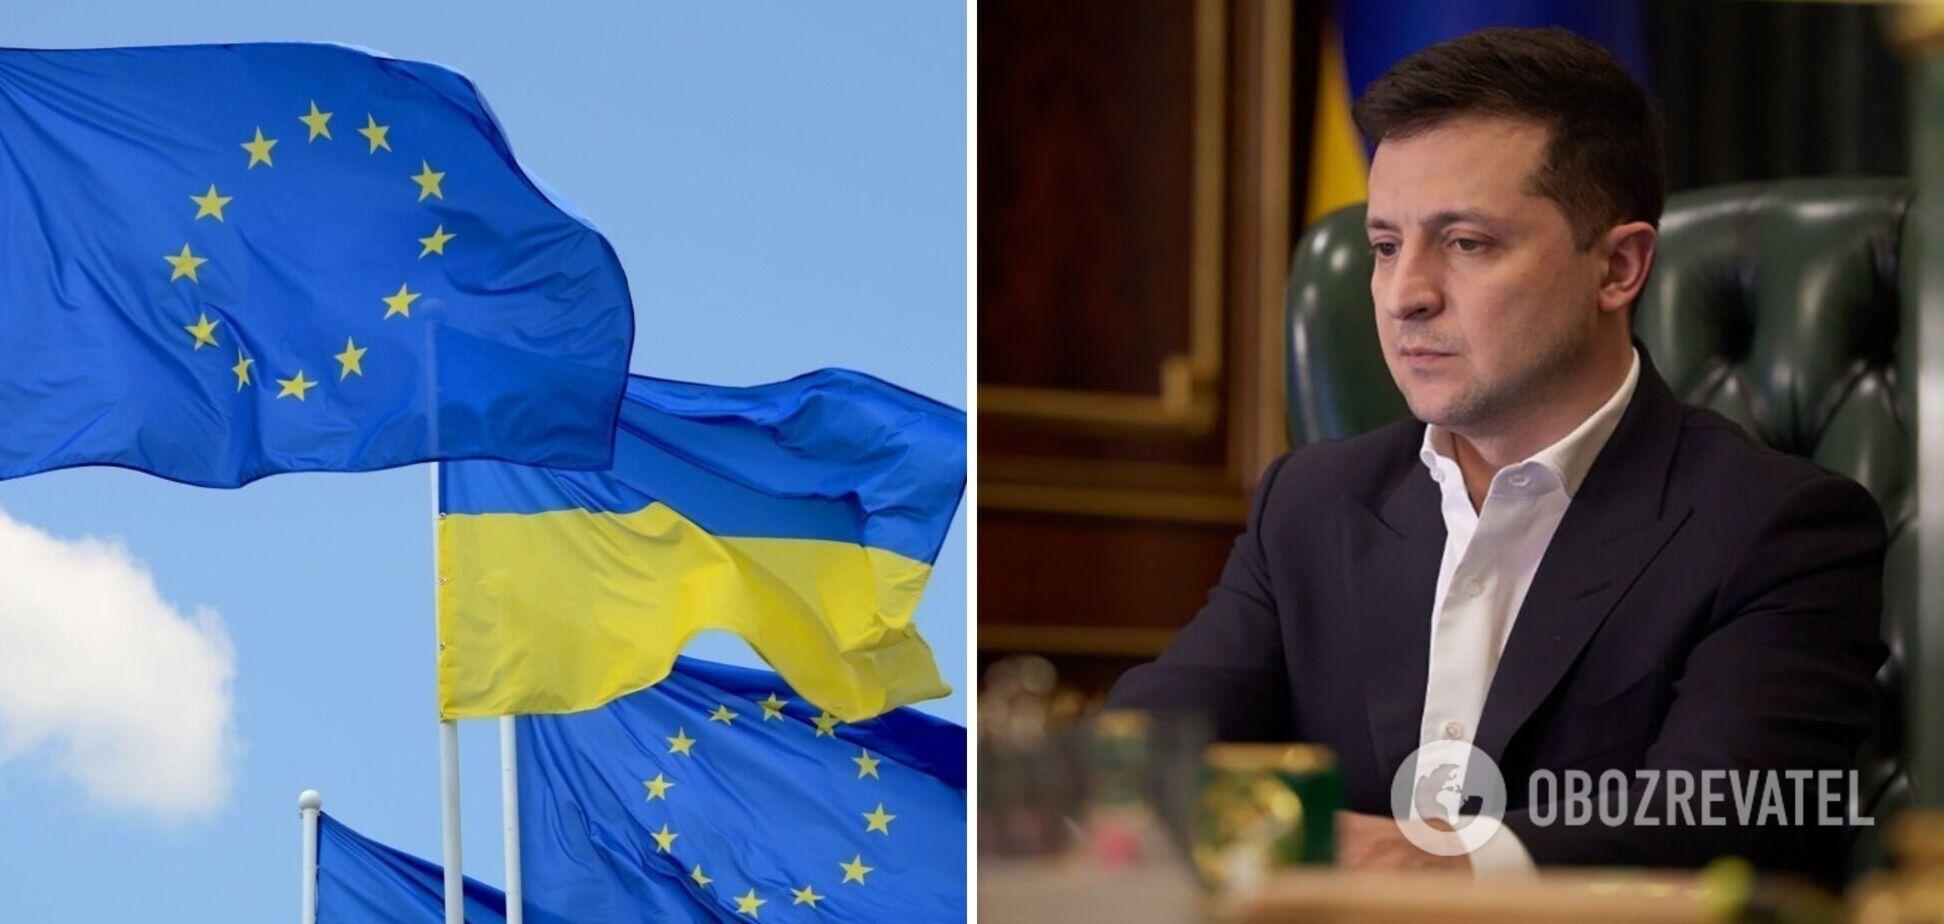 Зеленський: членство України в ЄС перестало бути гіпотетичним, питання має вирішитися до 2030 року